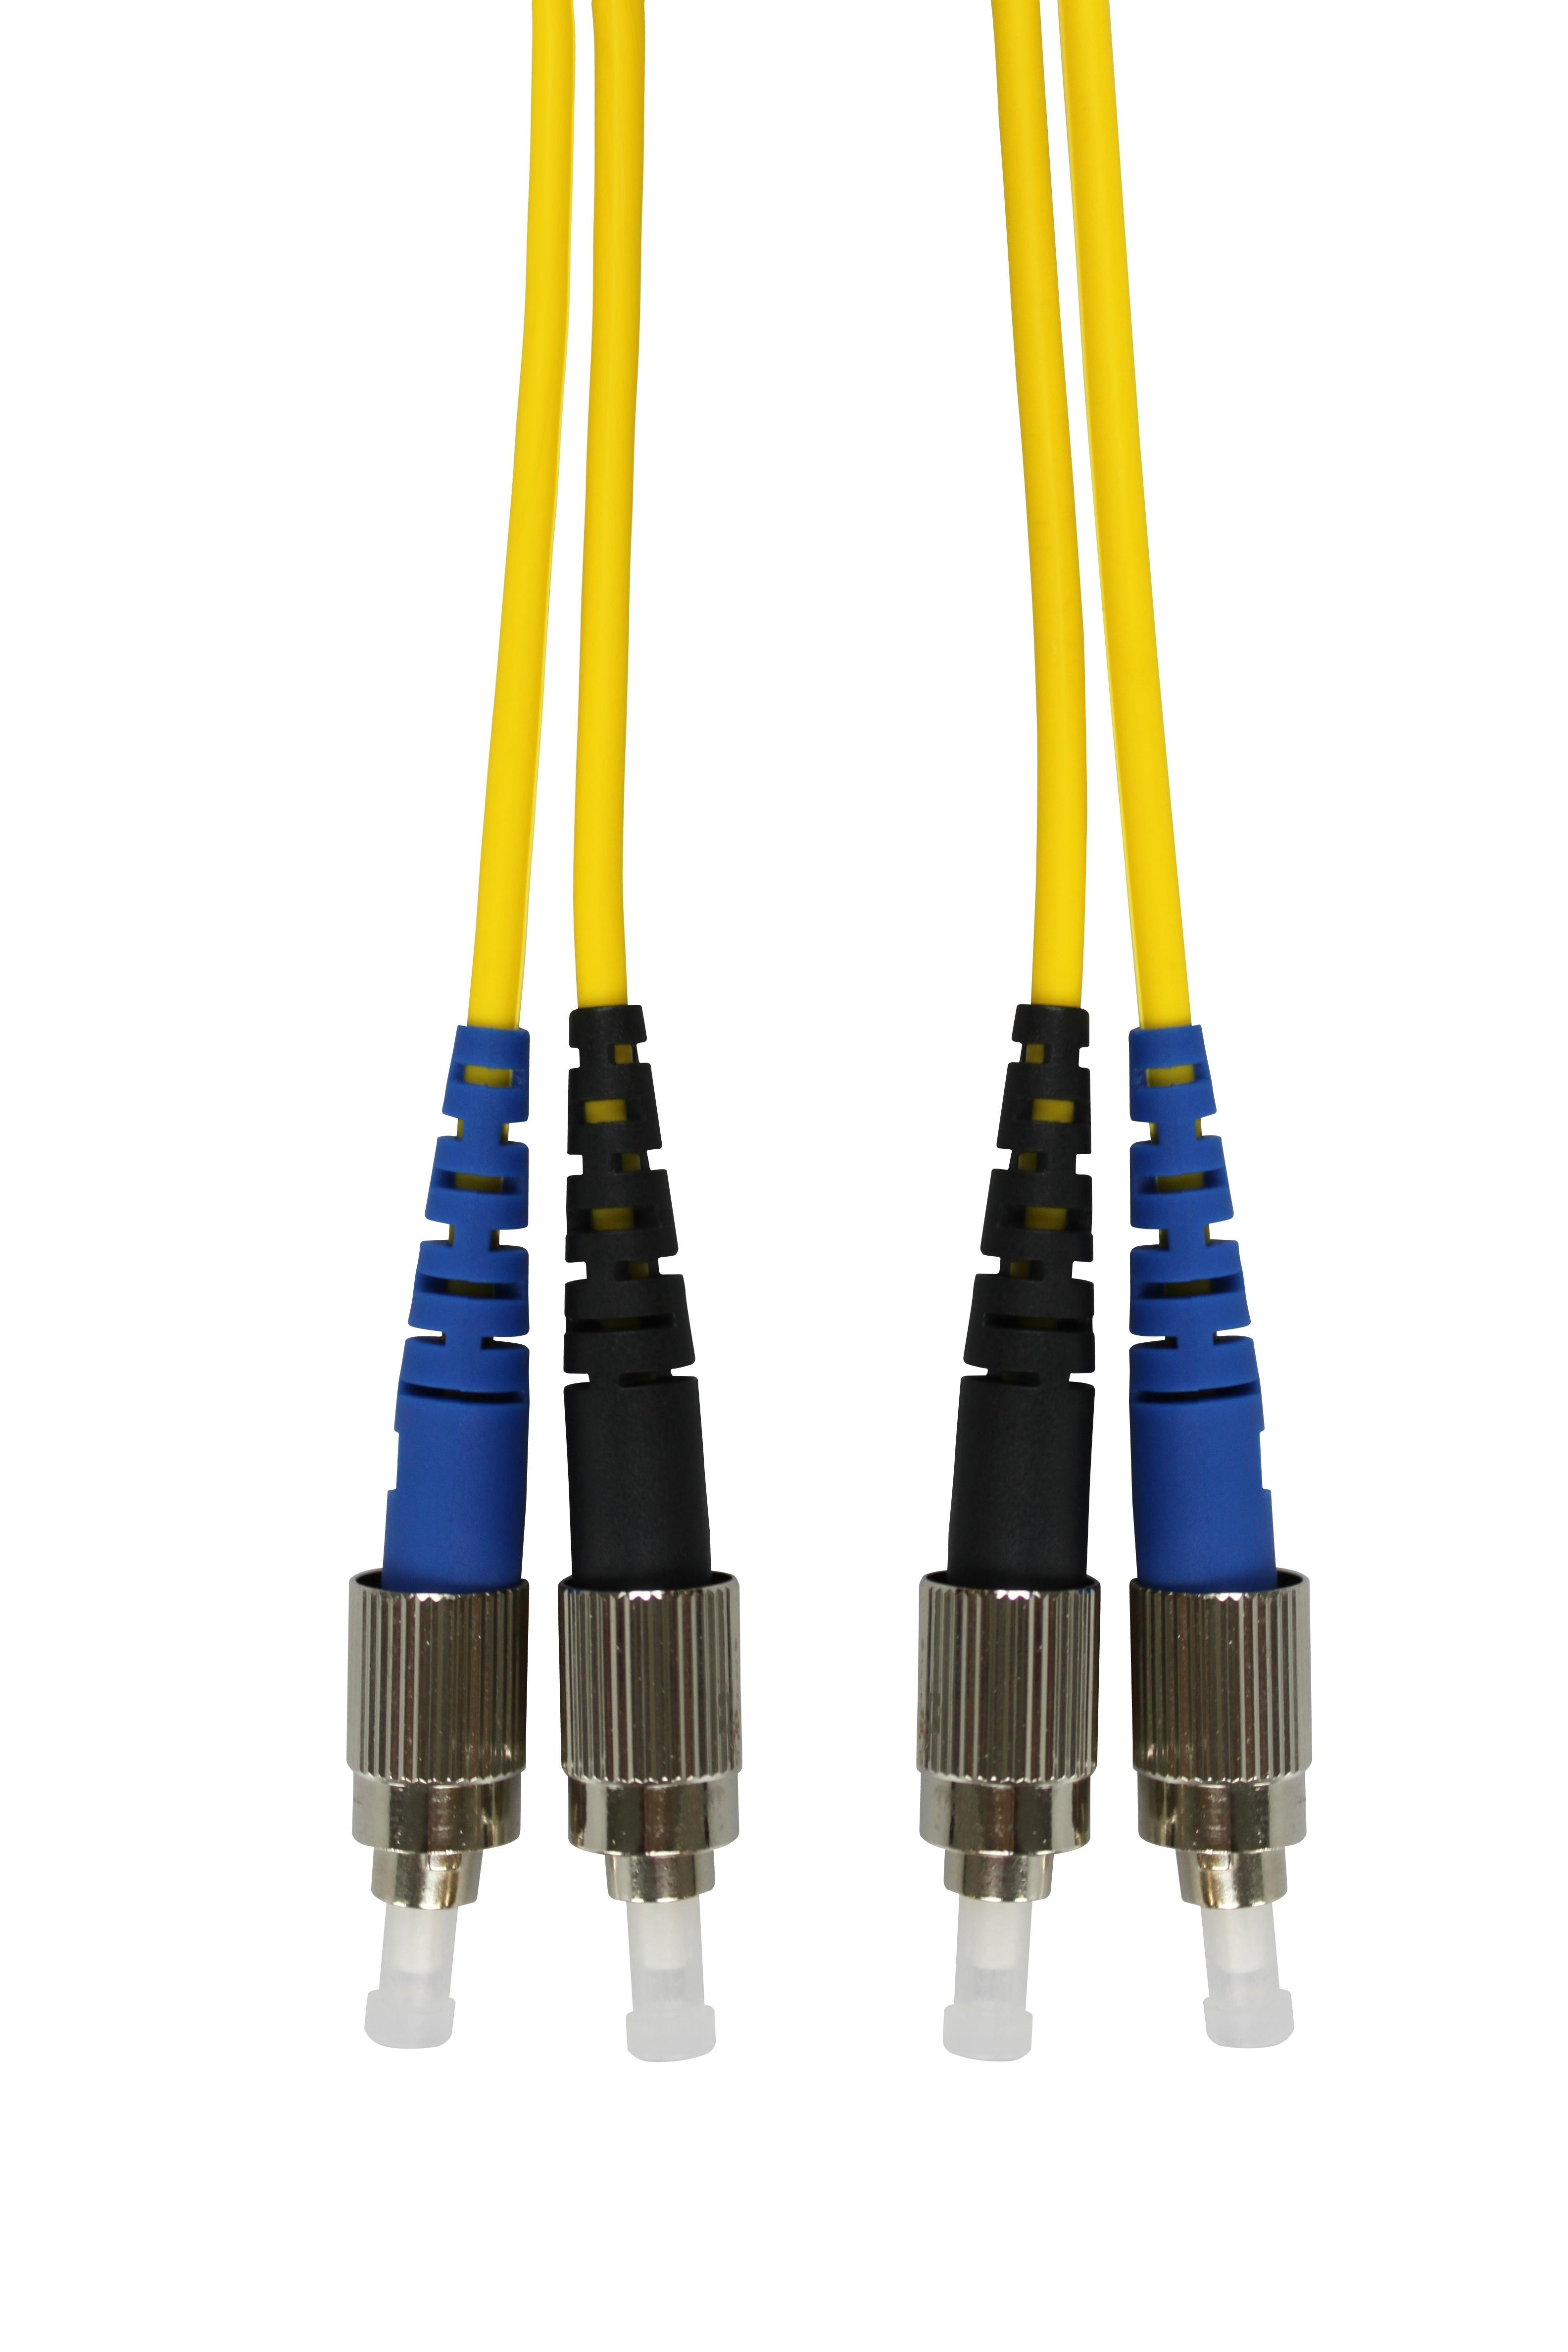 1 Stk LWL Patchkabel Duplex FC/FC, 9/125µm OS2, LS0H-3, gelb,10.0m HLP29FF10F